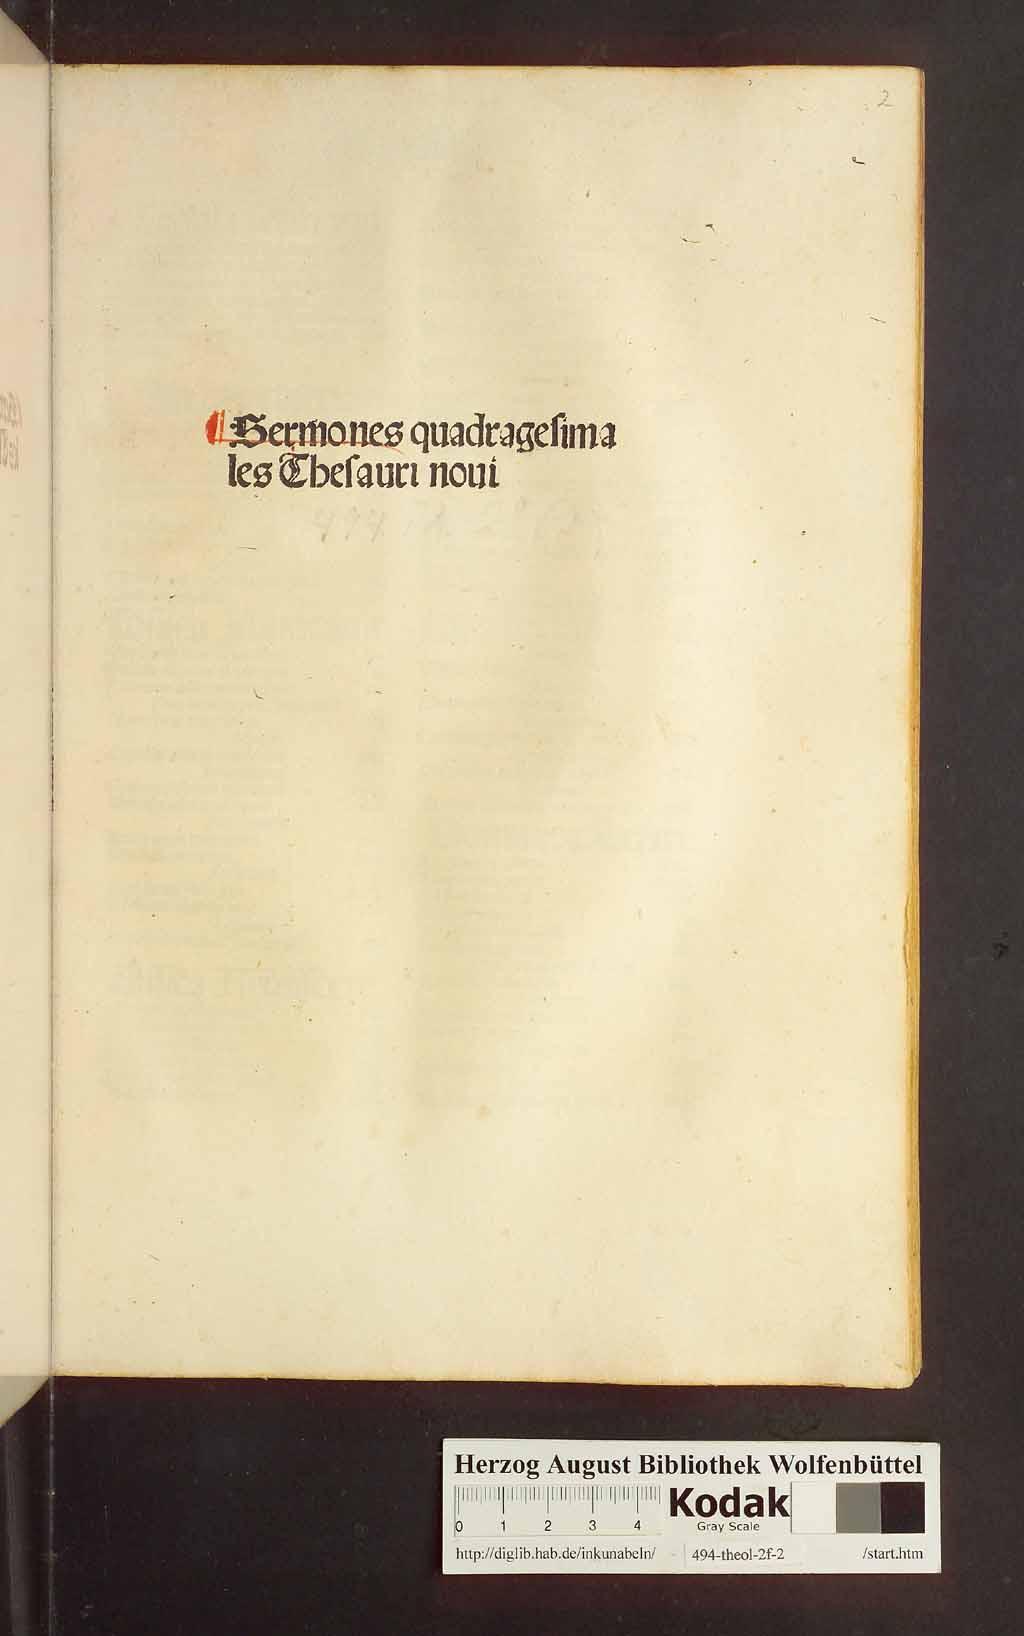 http://diglib.hab.de/inkunabeln/494-theol-2f-2/00001.jpg